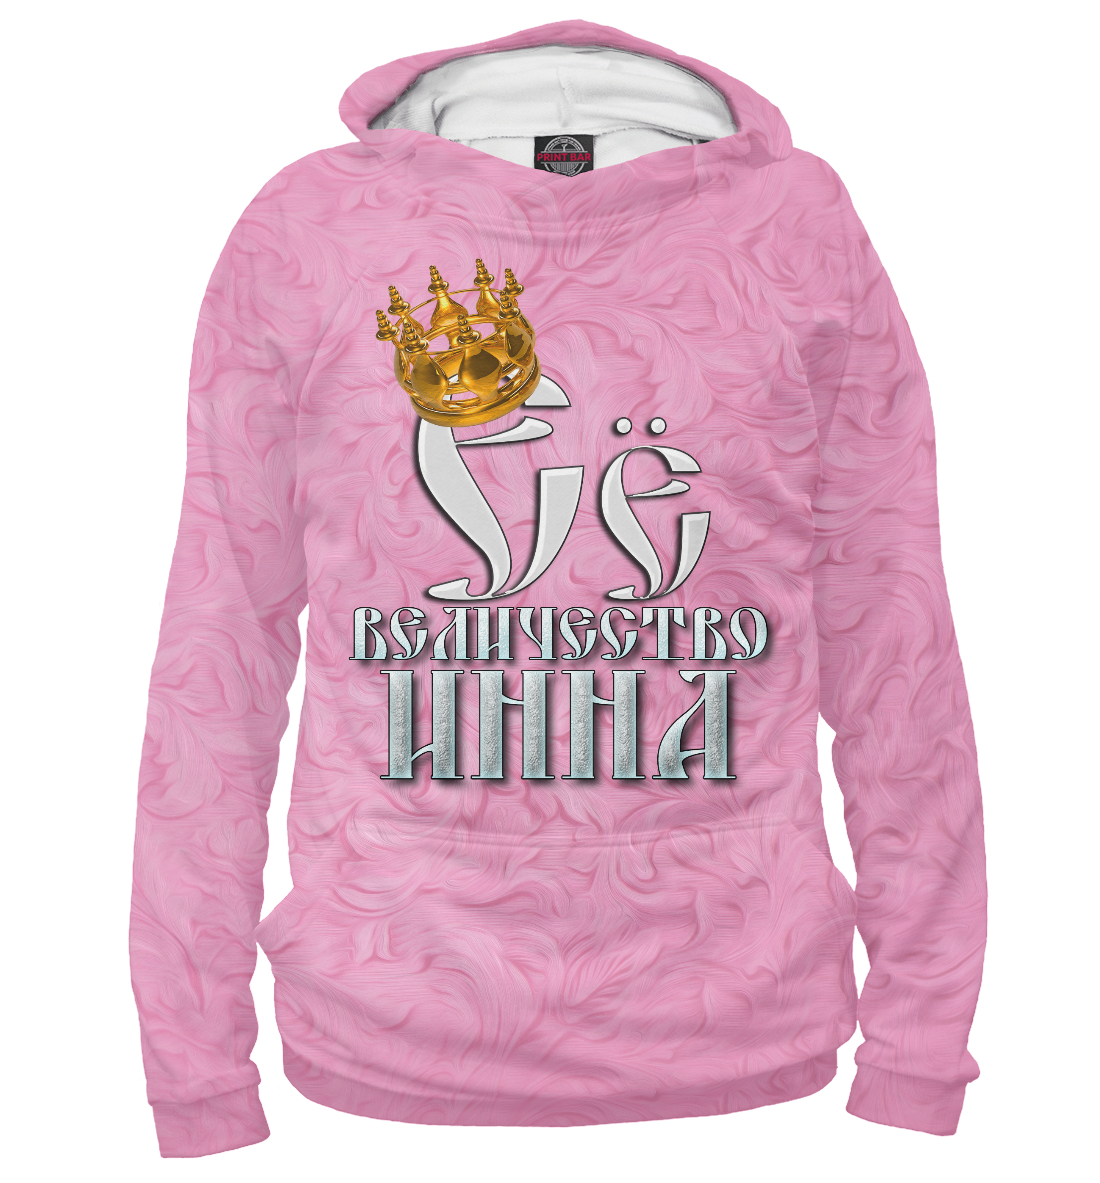 Купить Её величество Инна, Printbar, Худи, IMR-162009-hud-1